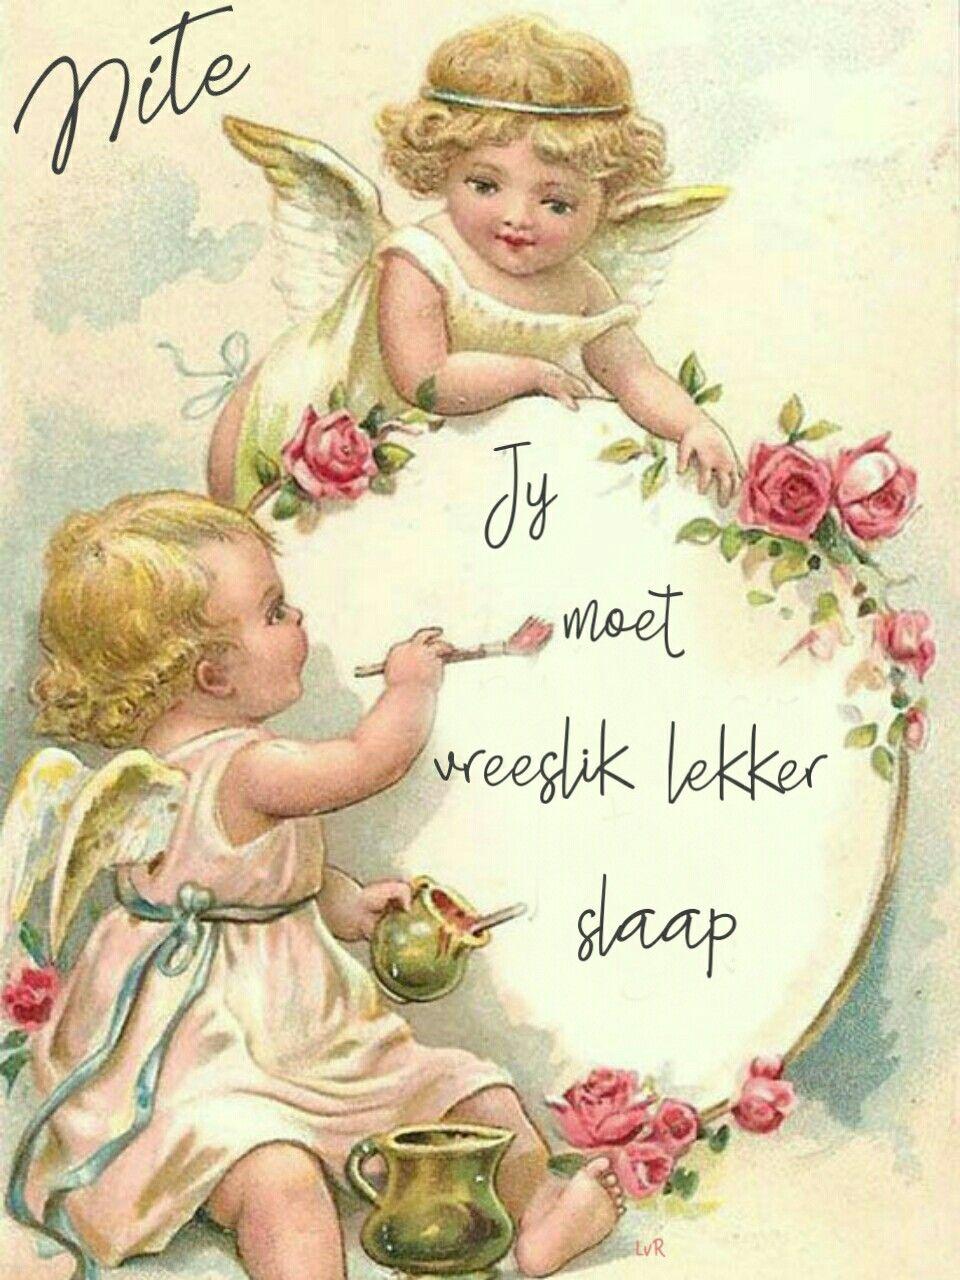 Pin by Leonie Van Rooyen on Goeienag Vintage happy new